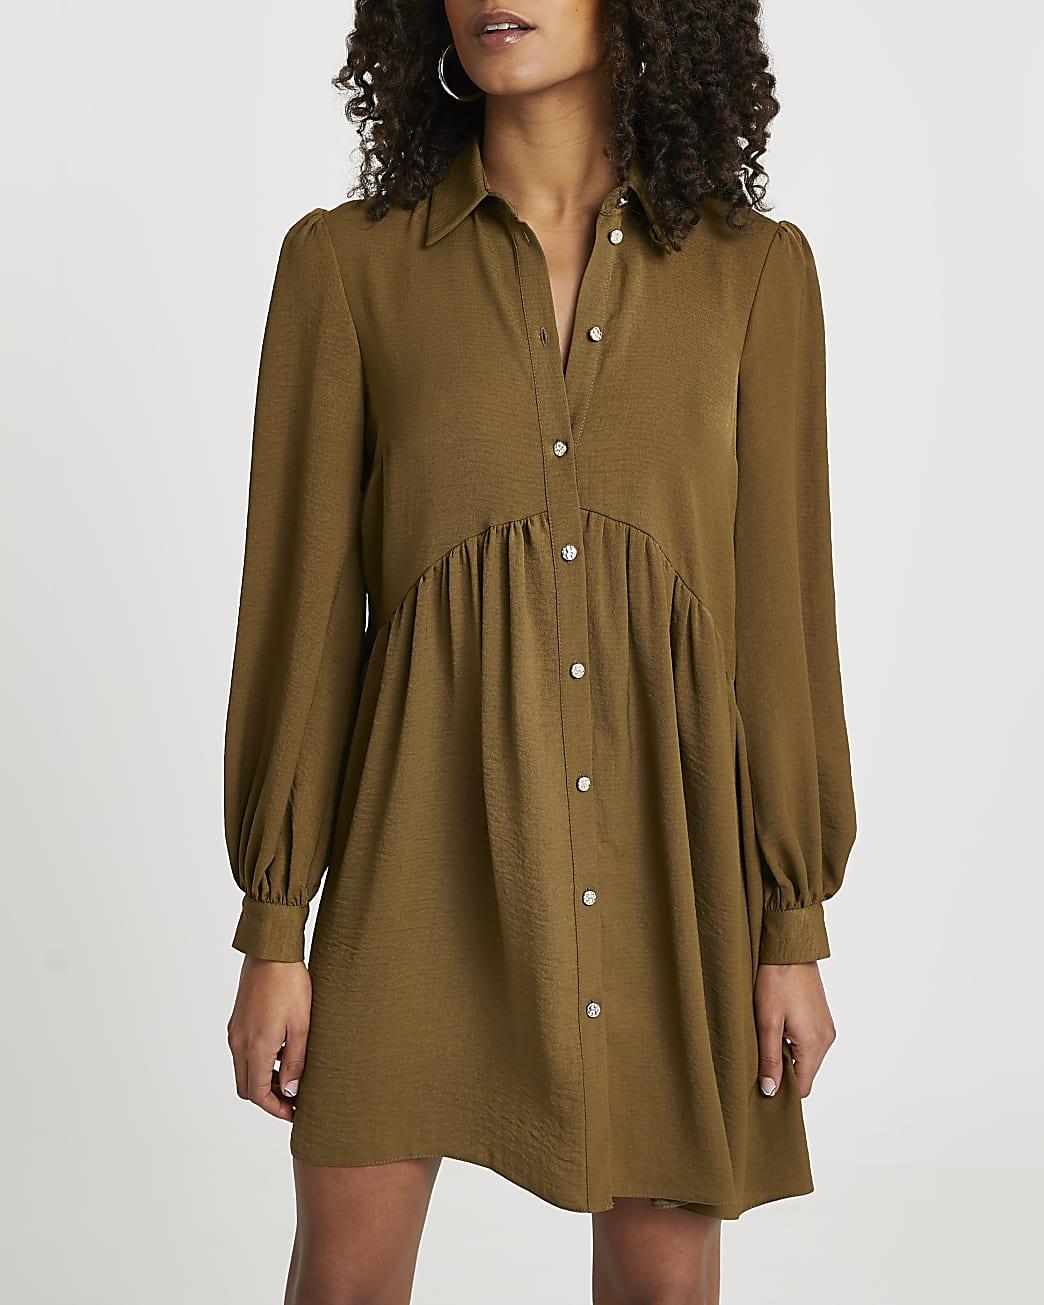 Khaki shirt smock long sleeve mini dress